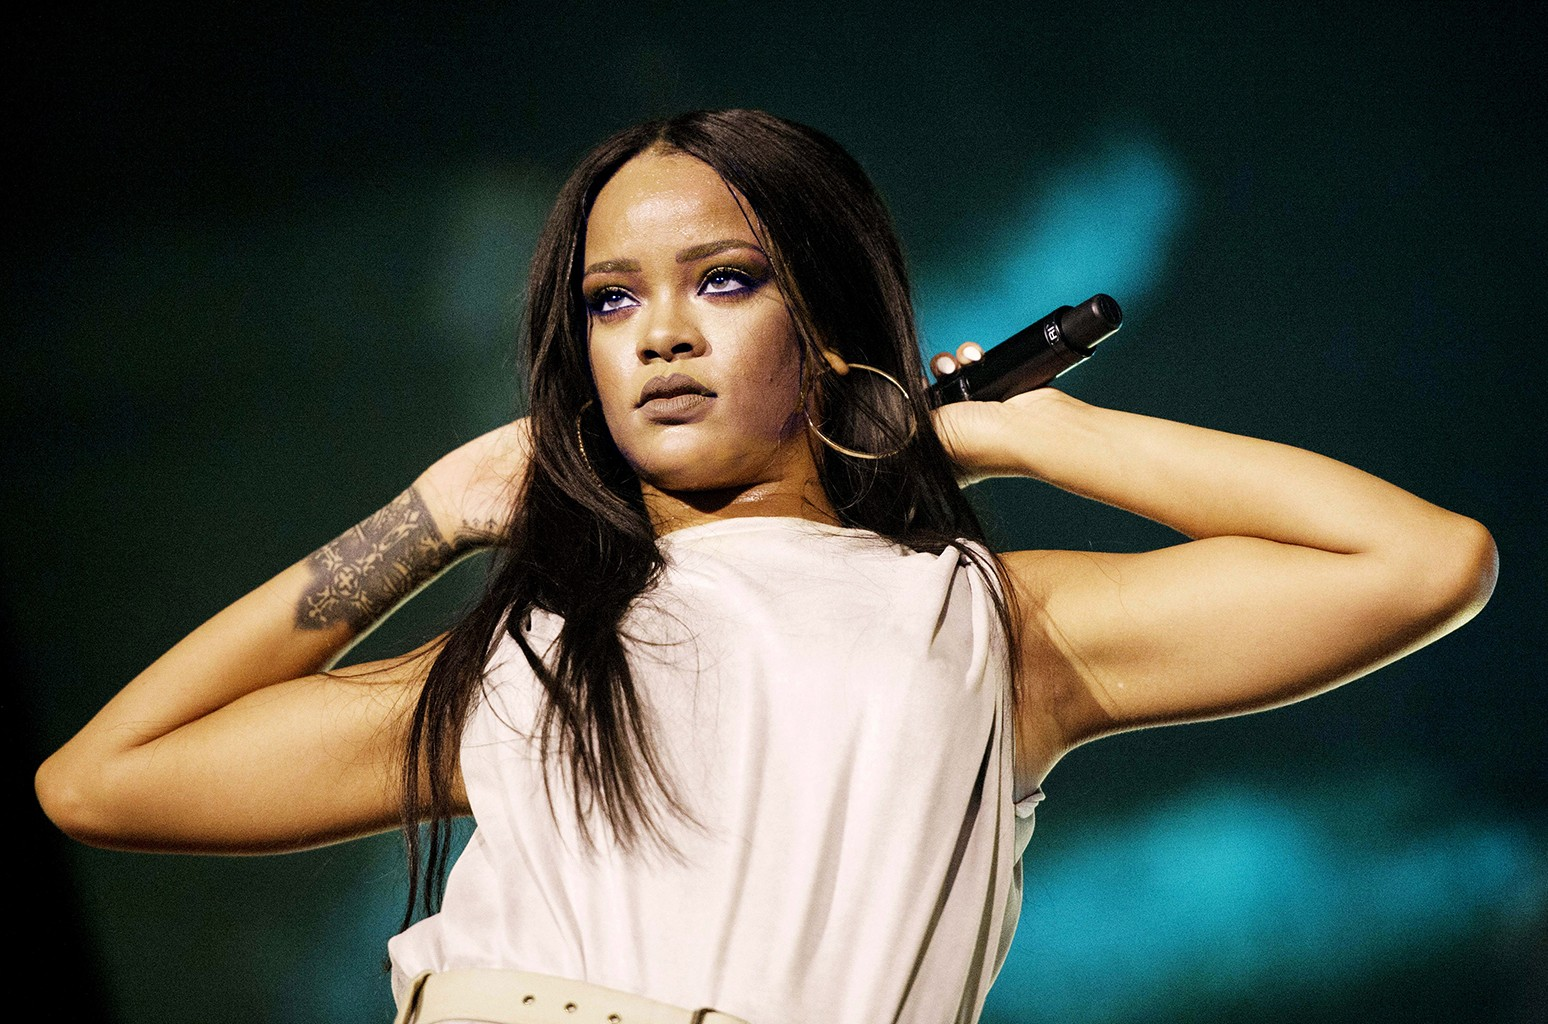 Rihanna performs in Stockholm, Sweden on July 4, 2016.